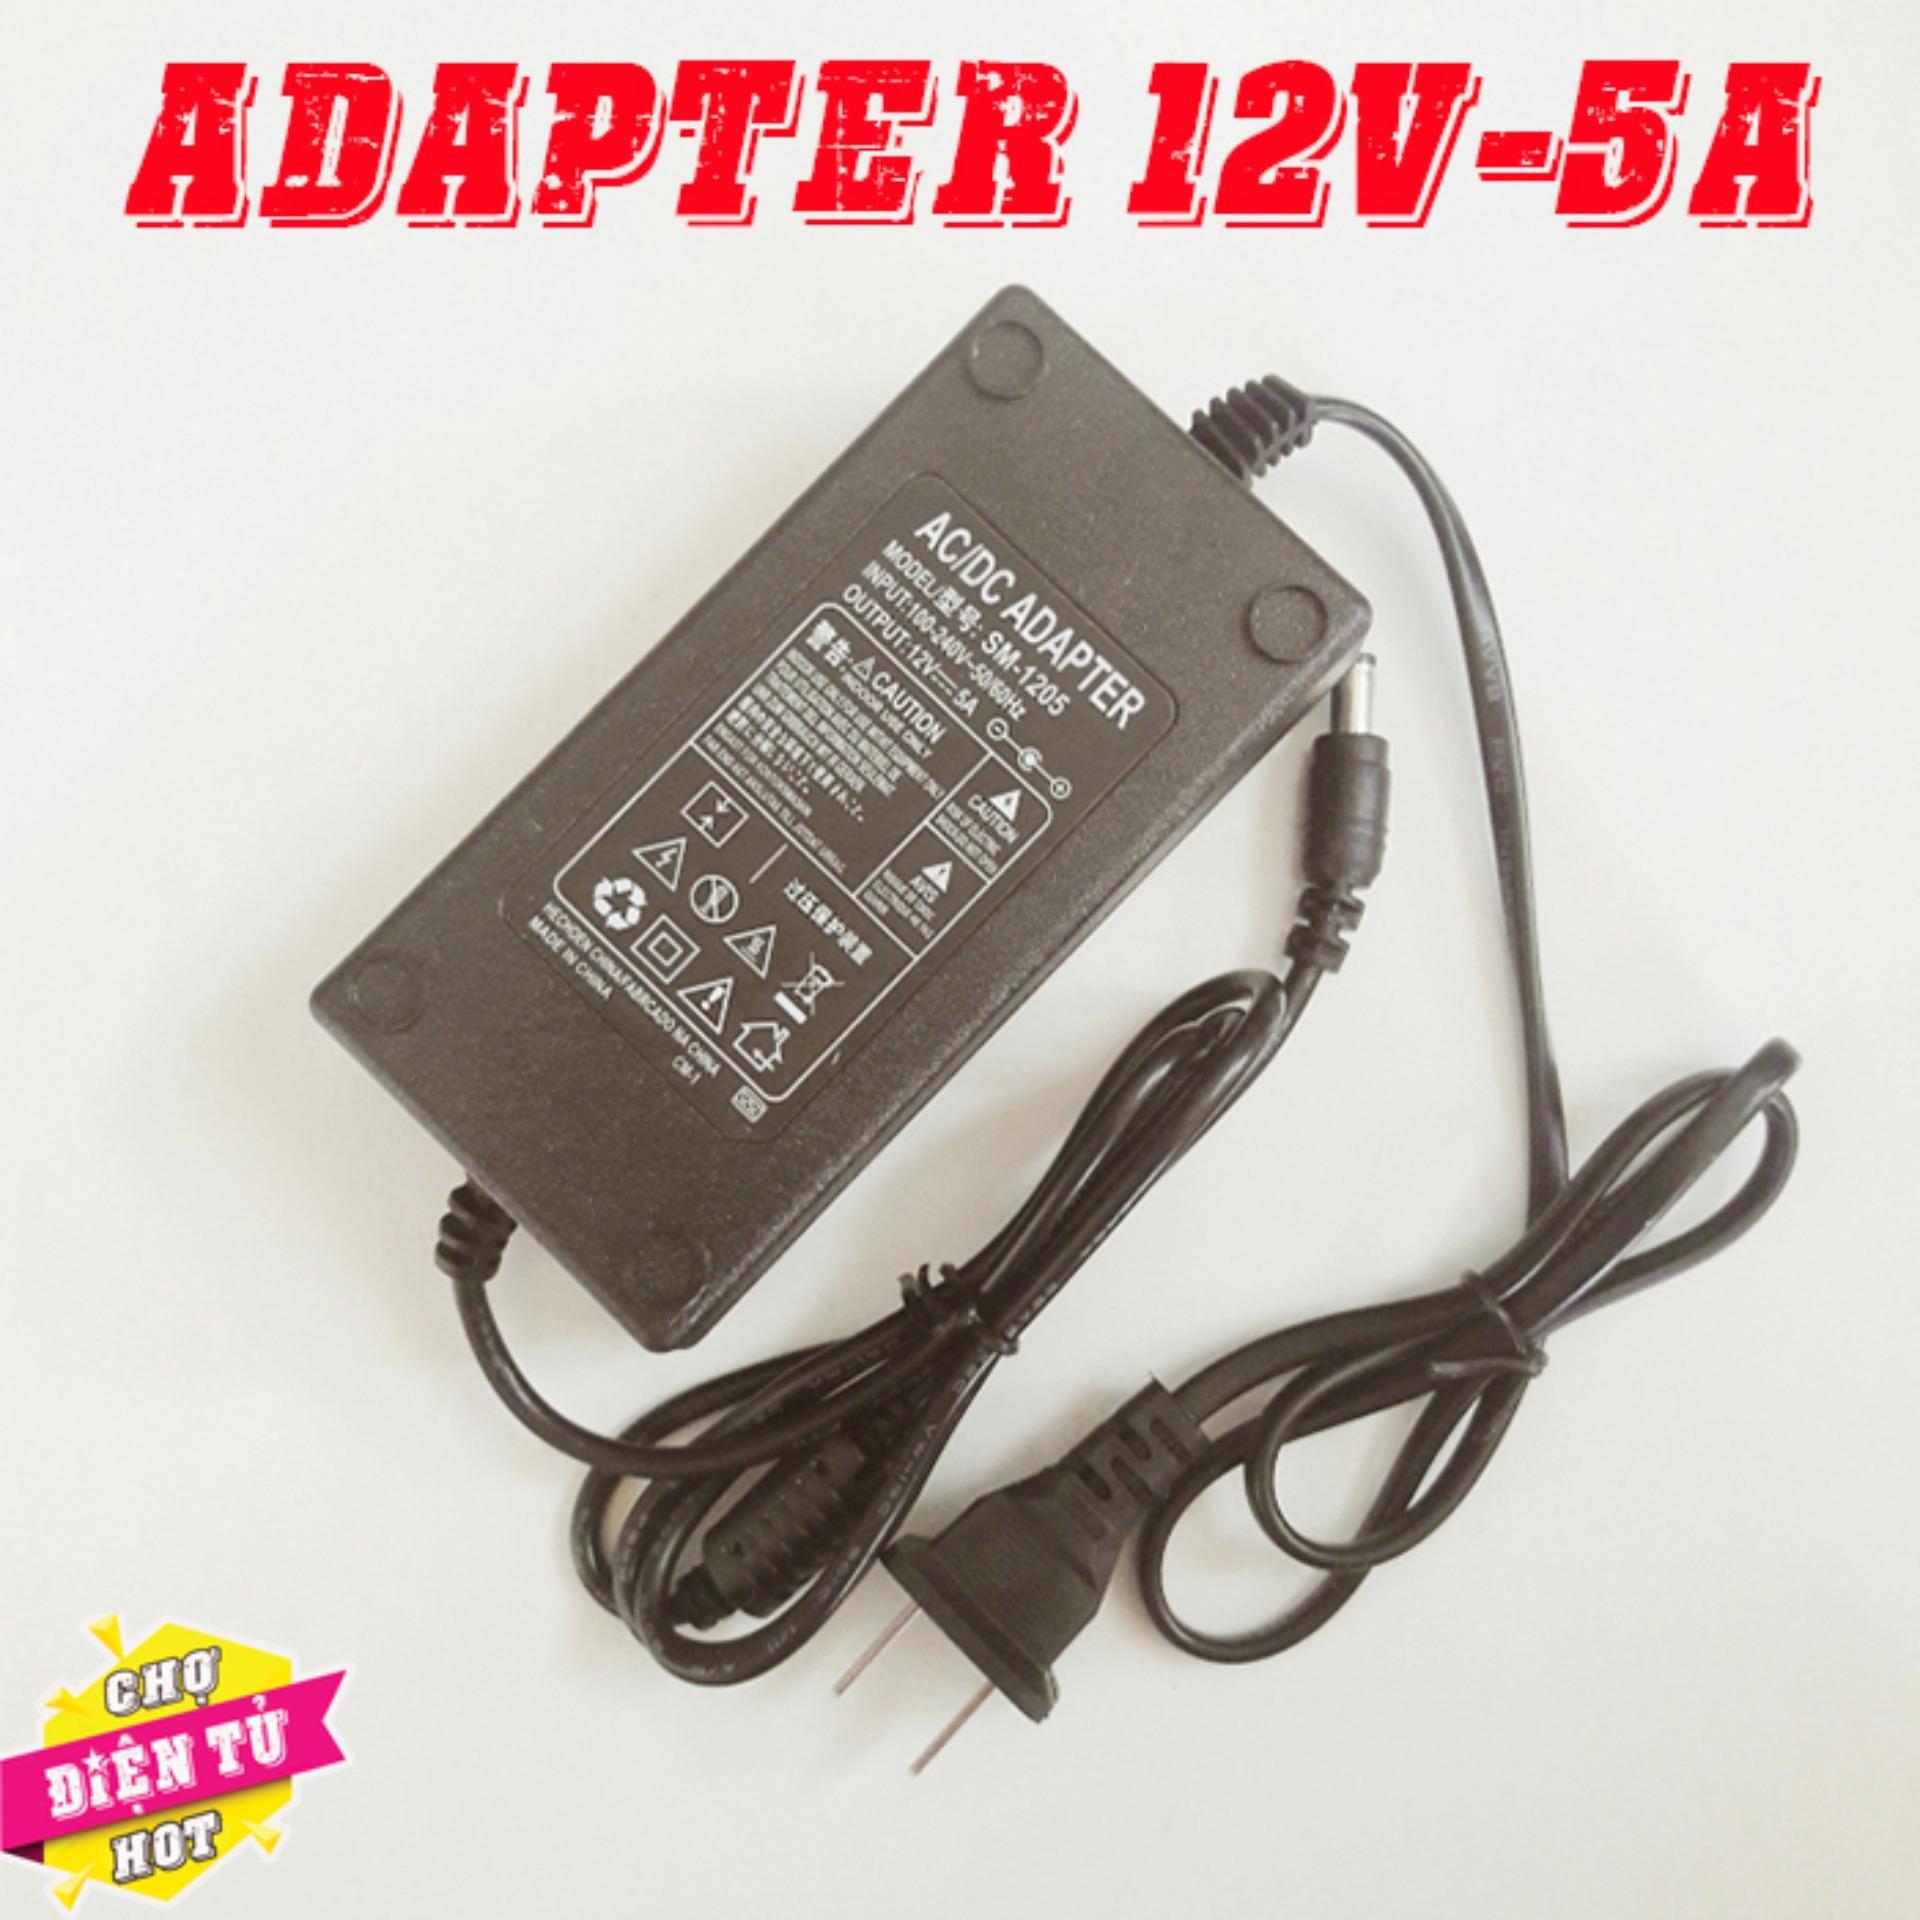 Mua Nguồn Adapter 12V 5A – Dùng cho máy bơm tăng áp mini 12v ở đâu tốt?